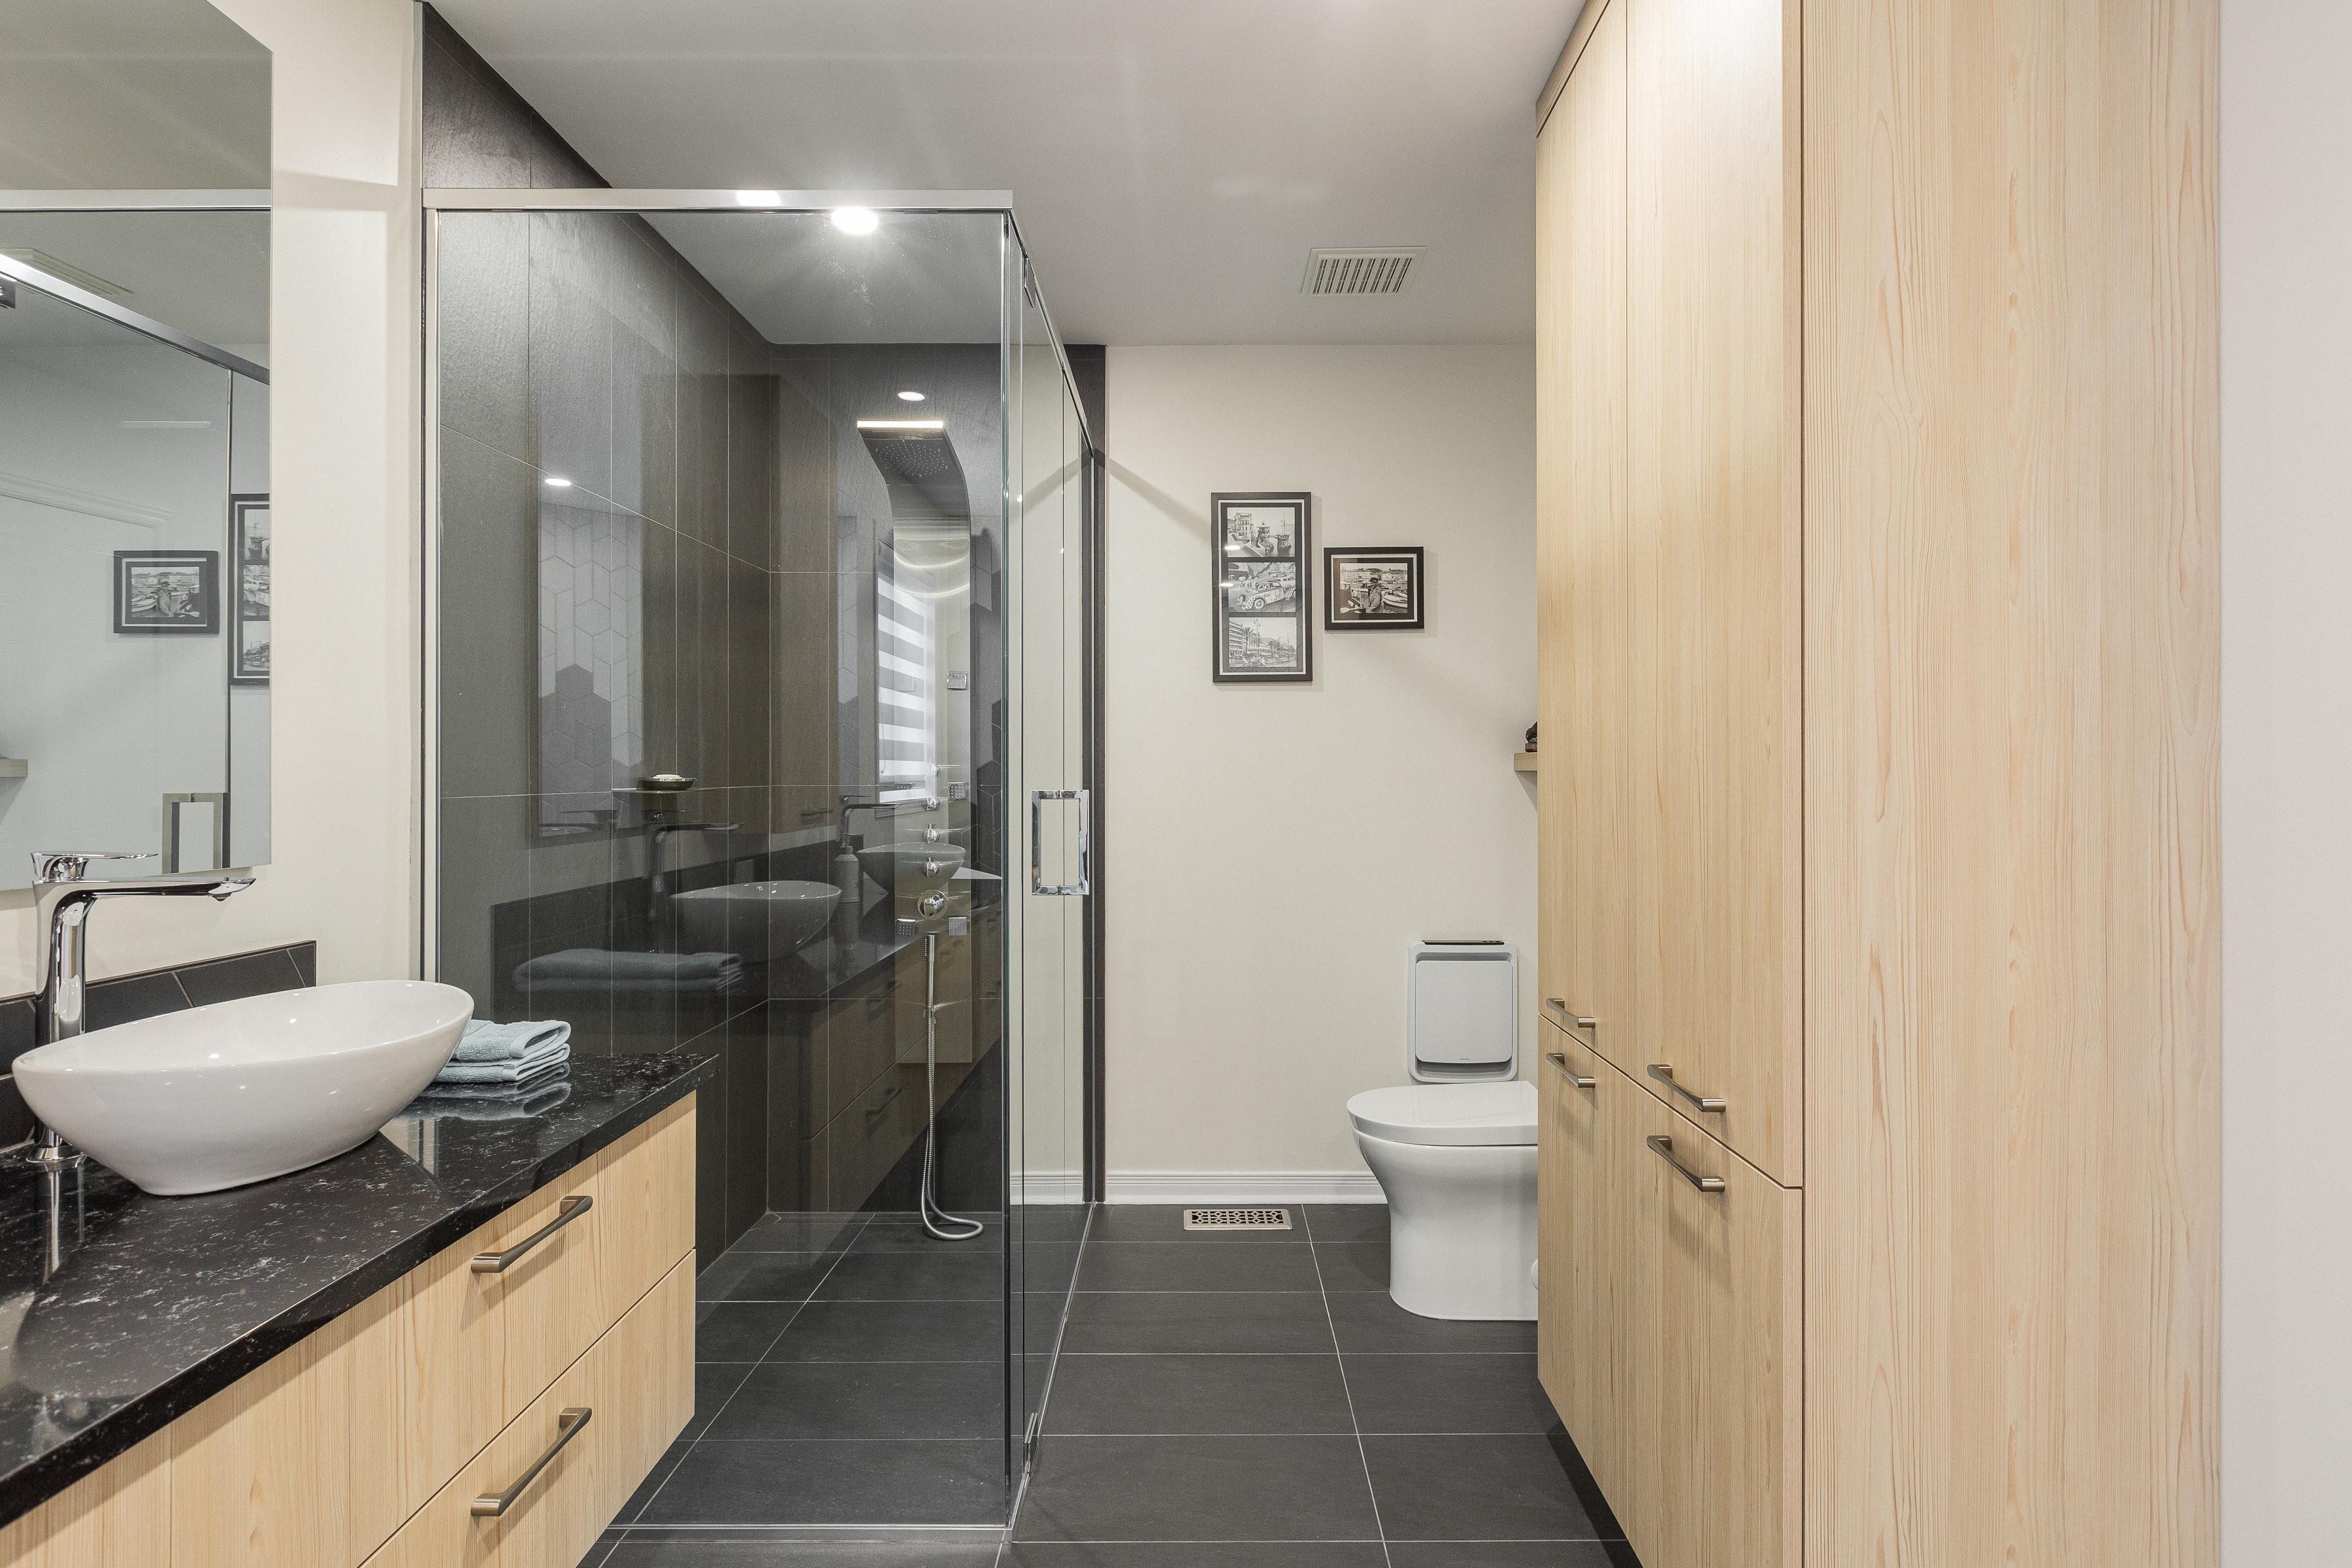 Grande cabine de douche vitrée avec vanité et lingerie en bois clair